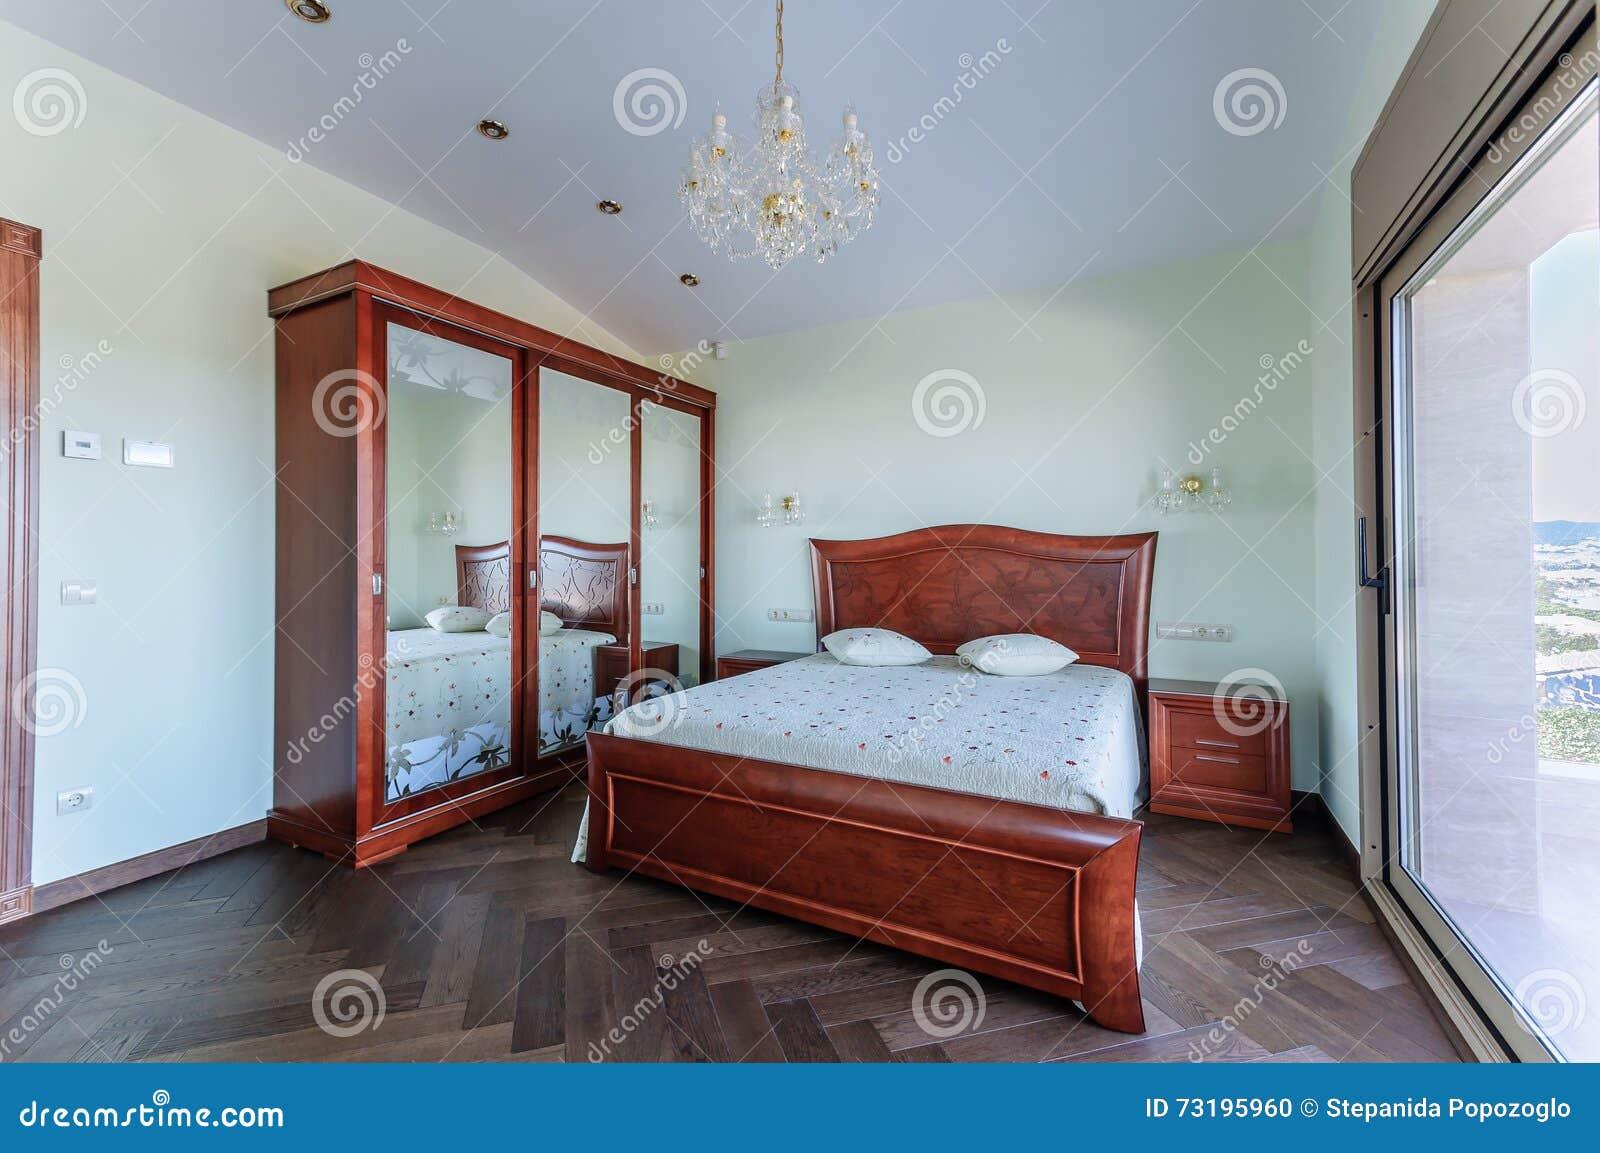 Chambre Coucher Dans Le Style Classique Meubles D Acajou De Luxe  # Meubles Modernes En Acajou